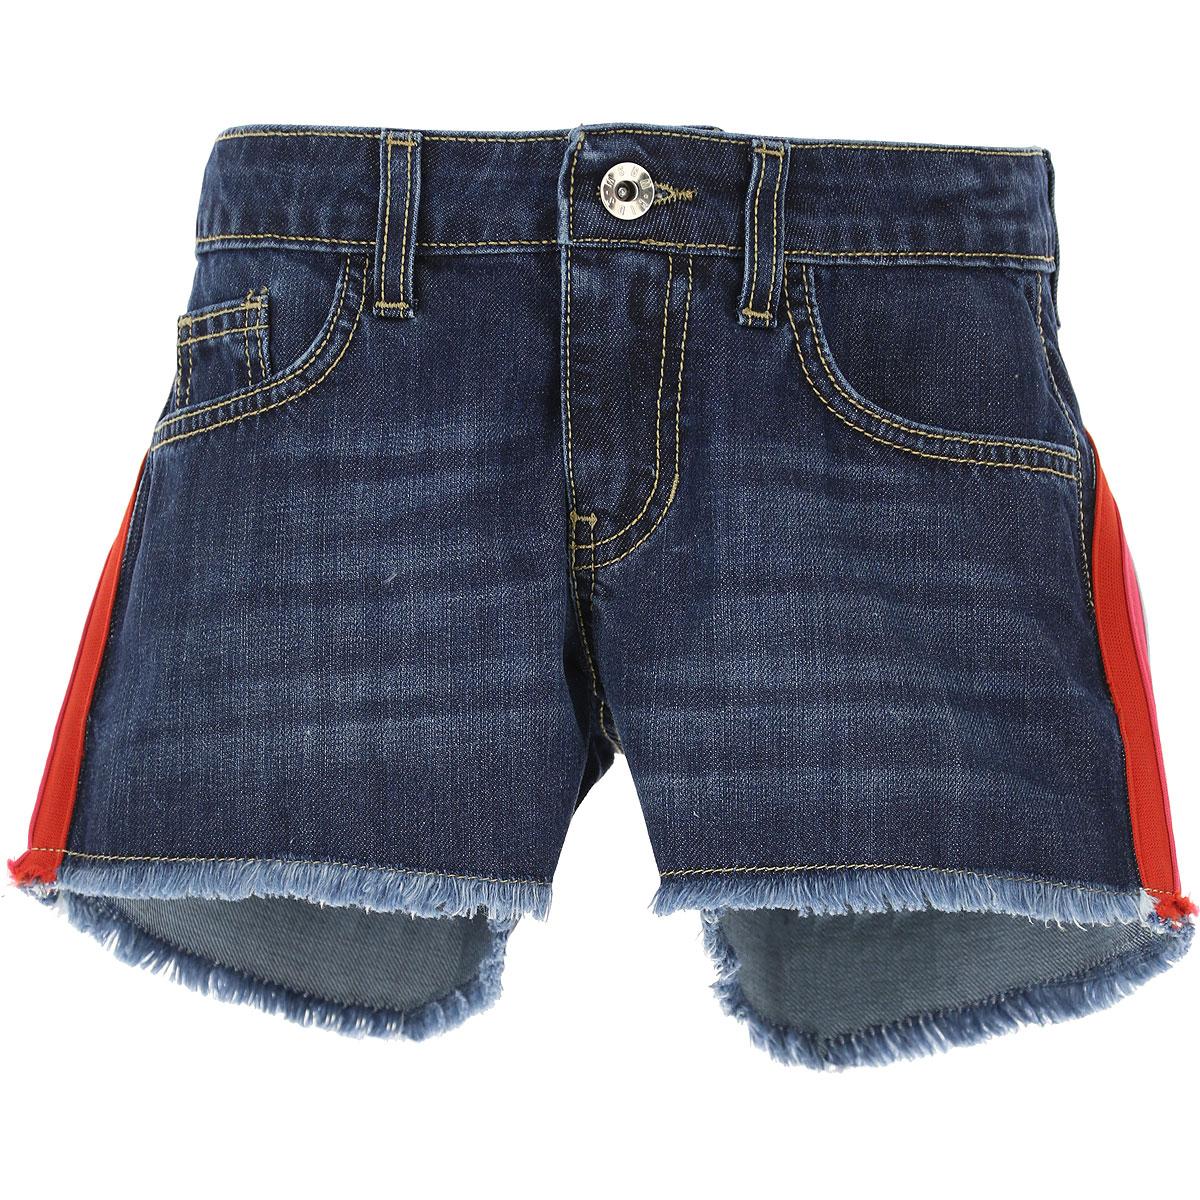 MSGM Kids Shorts for Girls, Blu Denim, Cotton, 2017, 10Y 14Y 8Y